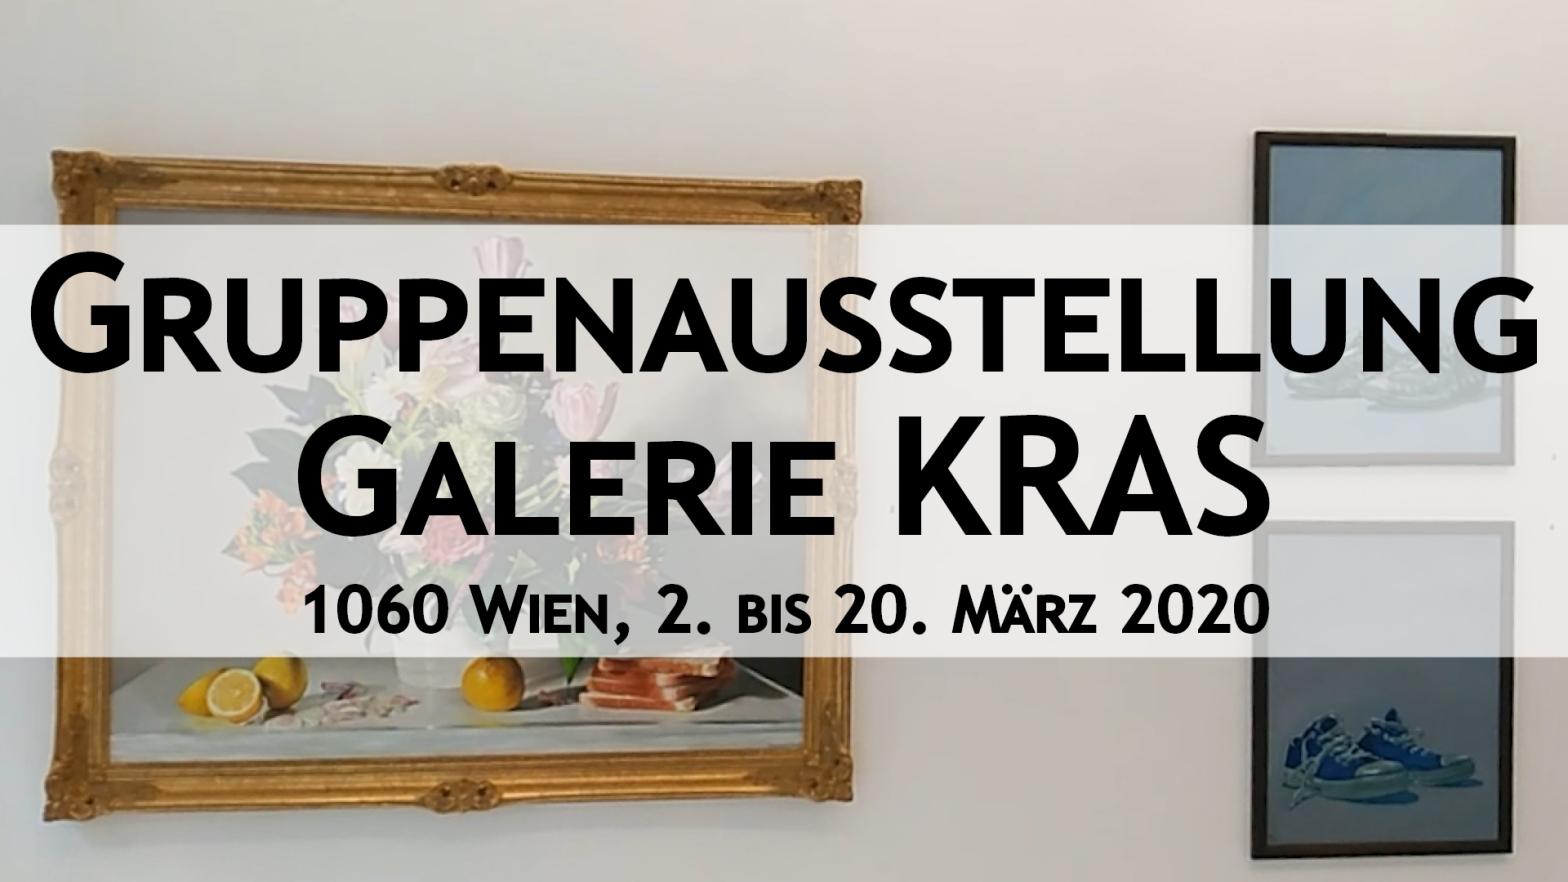 Standbild zur Ausstellung in der Galerie KRAS, 2.-20.3.2020